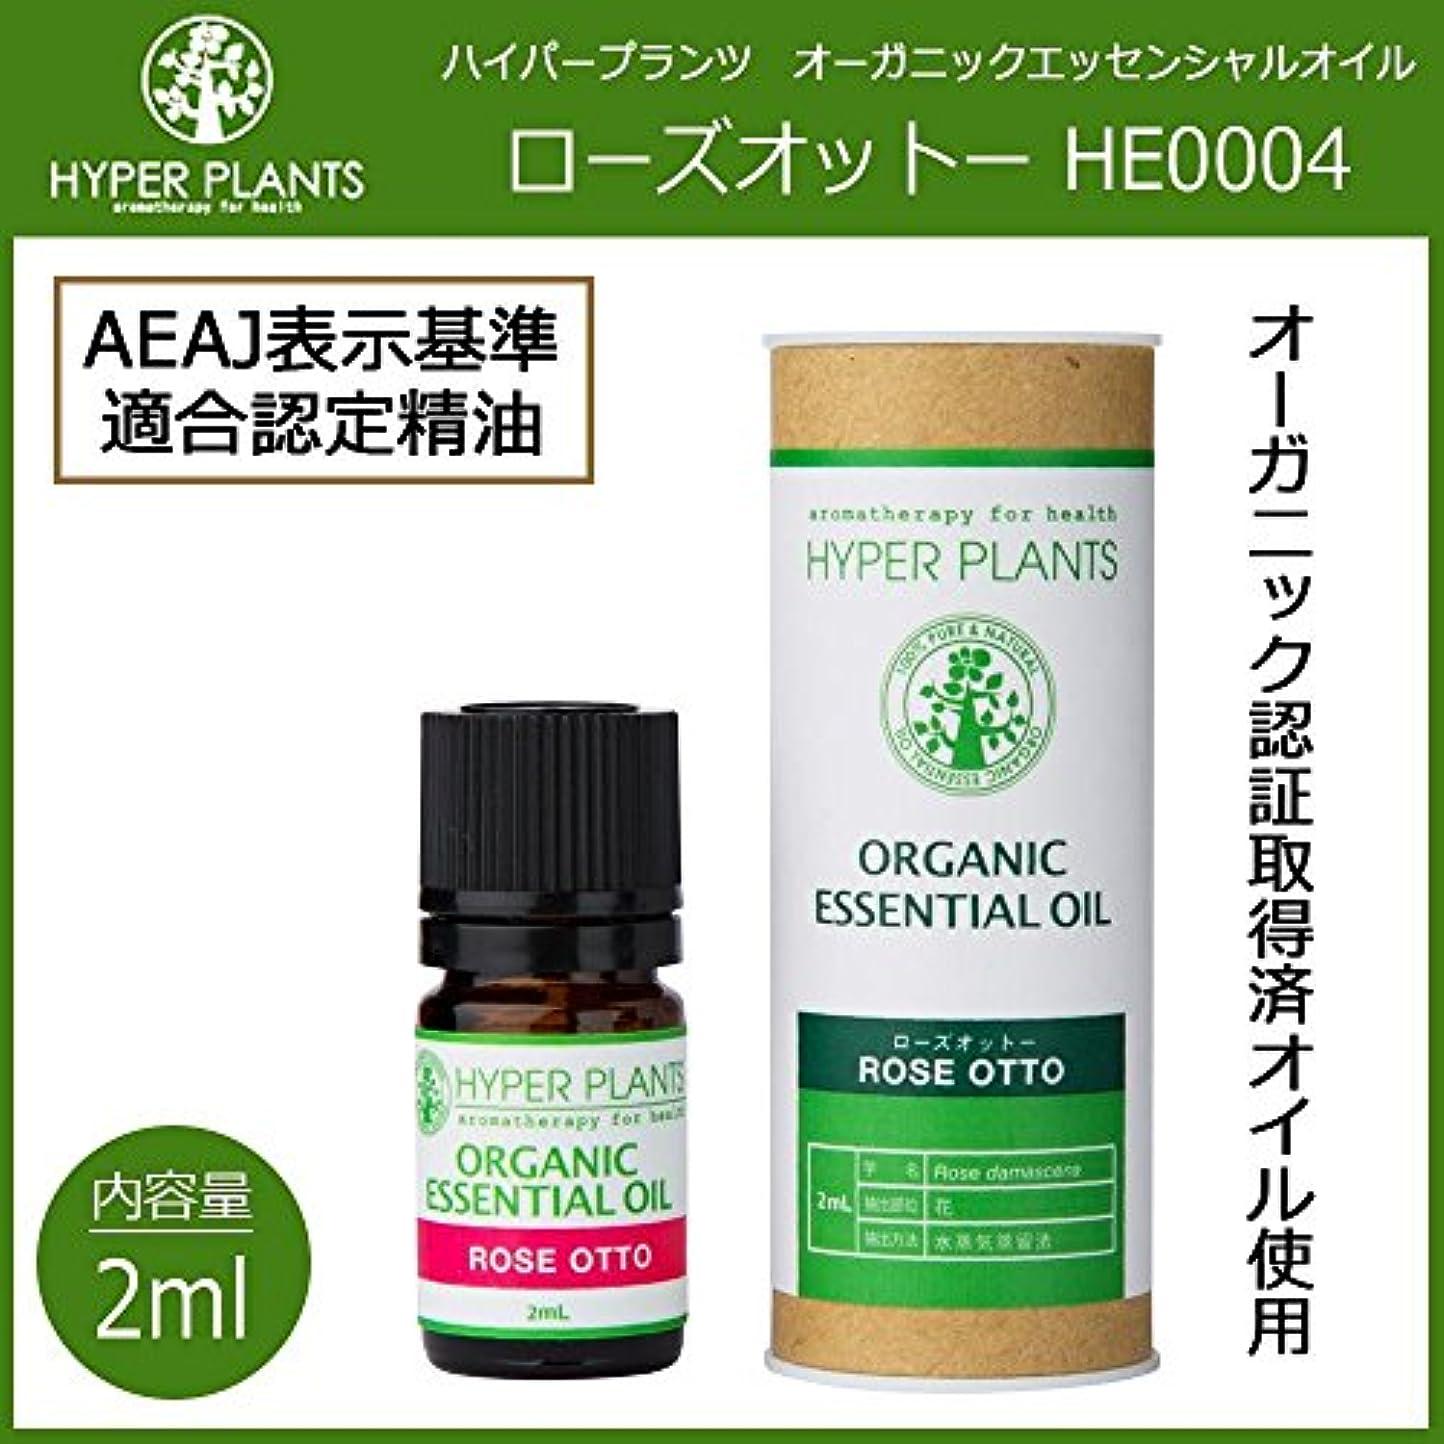 他の場所委任生じるHYPER PLANTS ハイパープランツ オーガニックエッセンシャルオイル ローズオットー 2ml HE0004